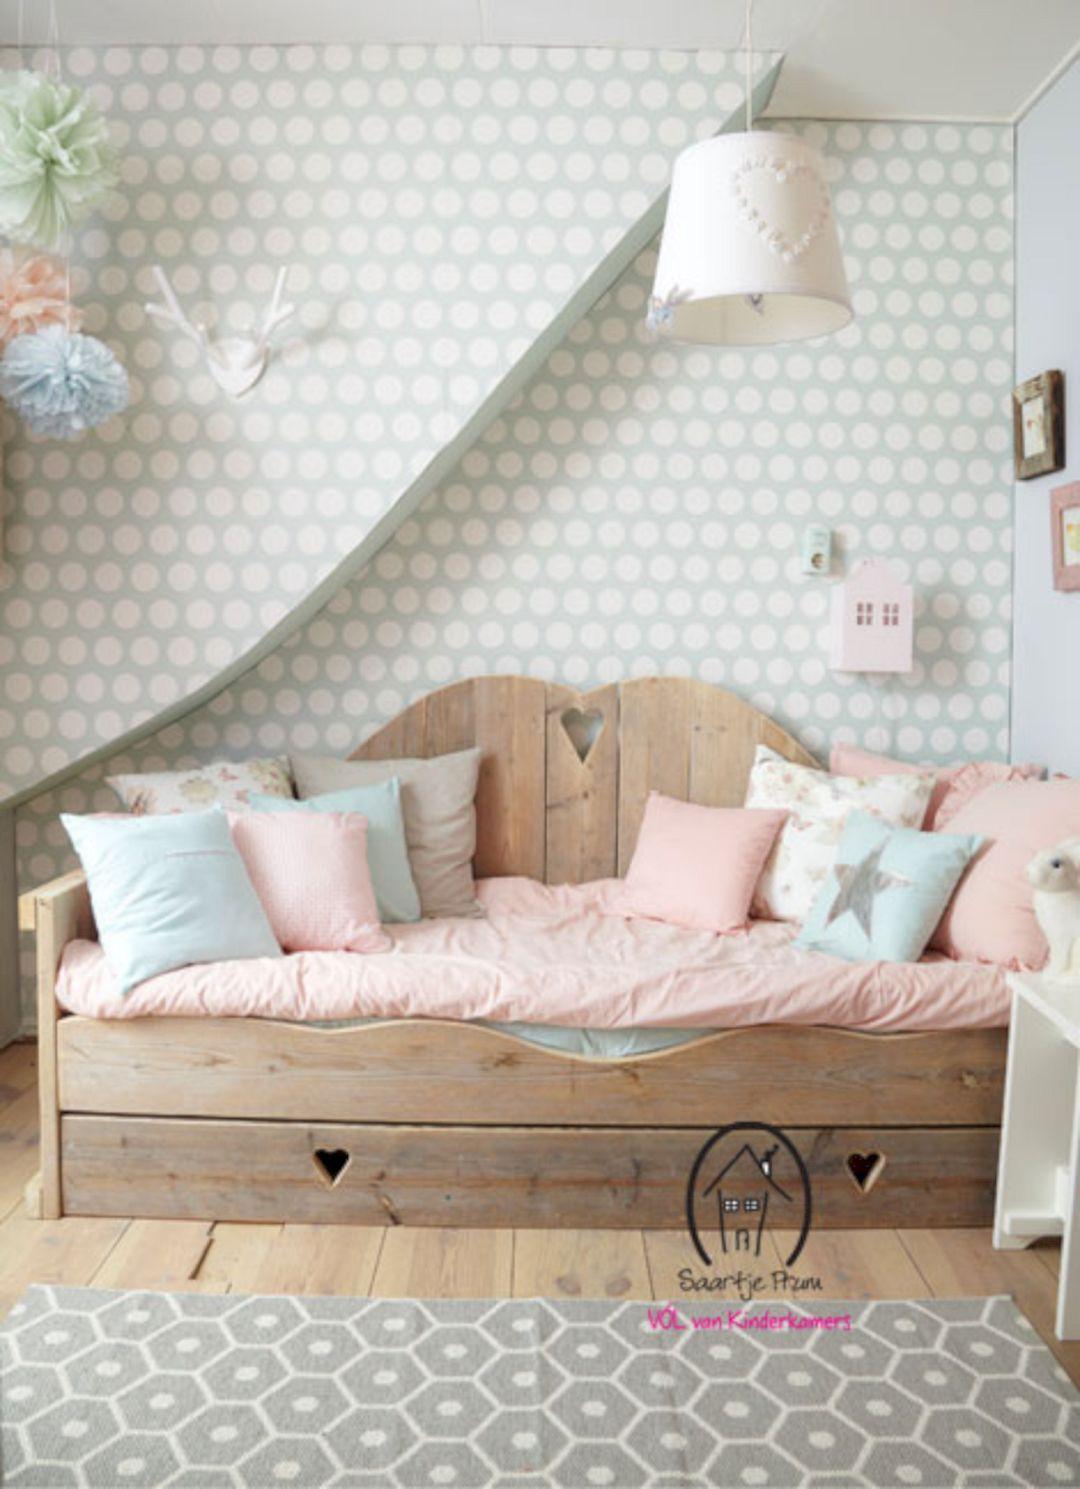 Thiết kế phòng ngủ cho bé gái dễ thương như trong cổ tích làm các bậc phụ huynh phải học tập tức thì - Ảnh 2.